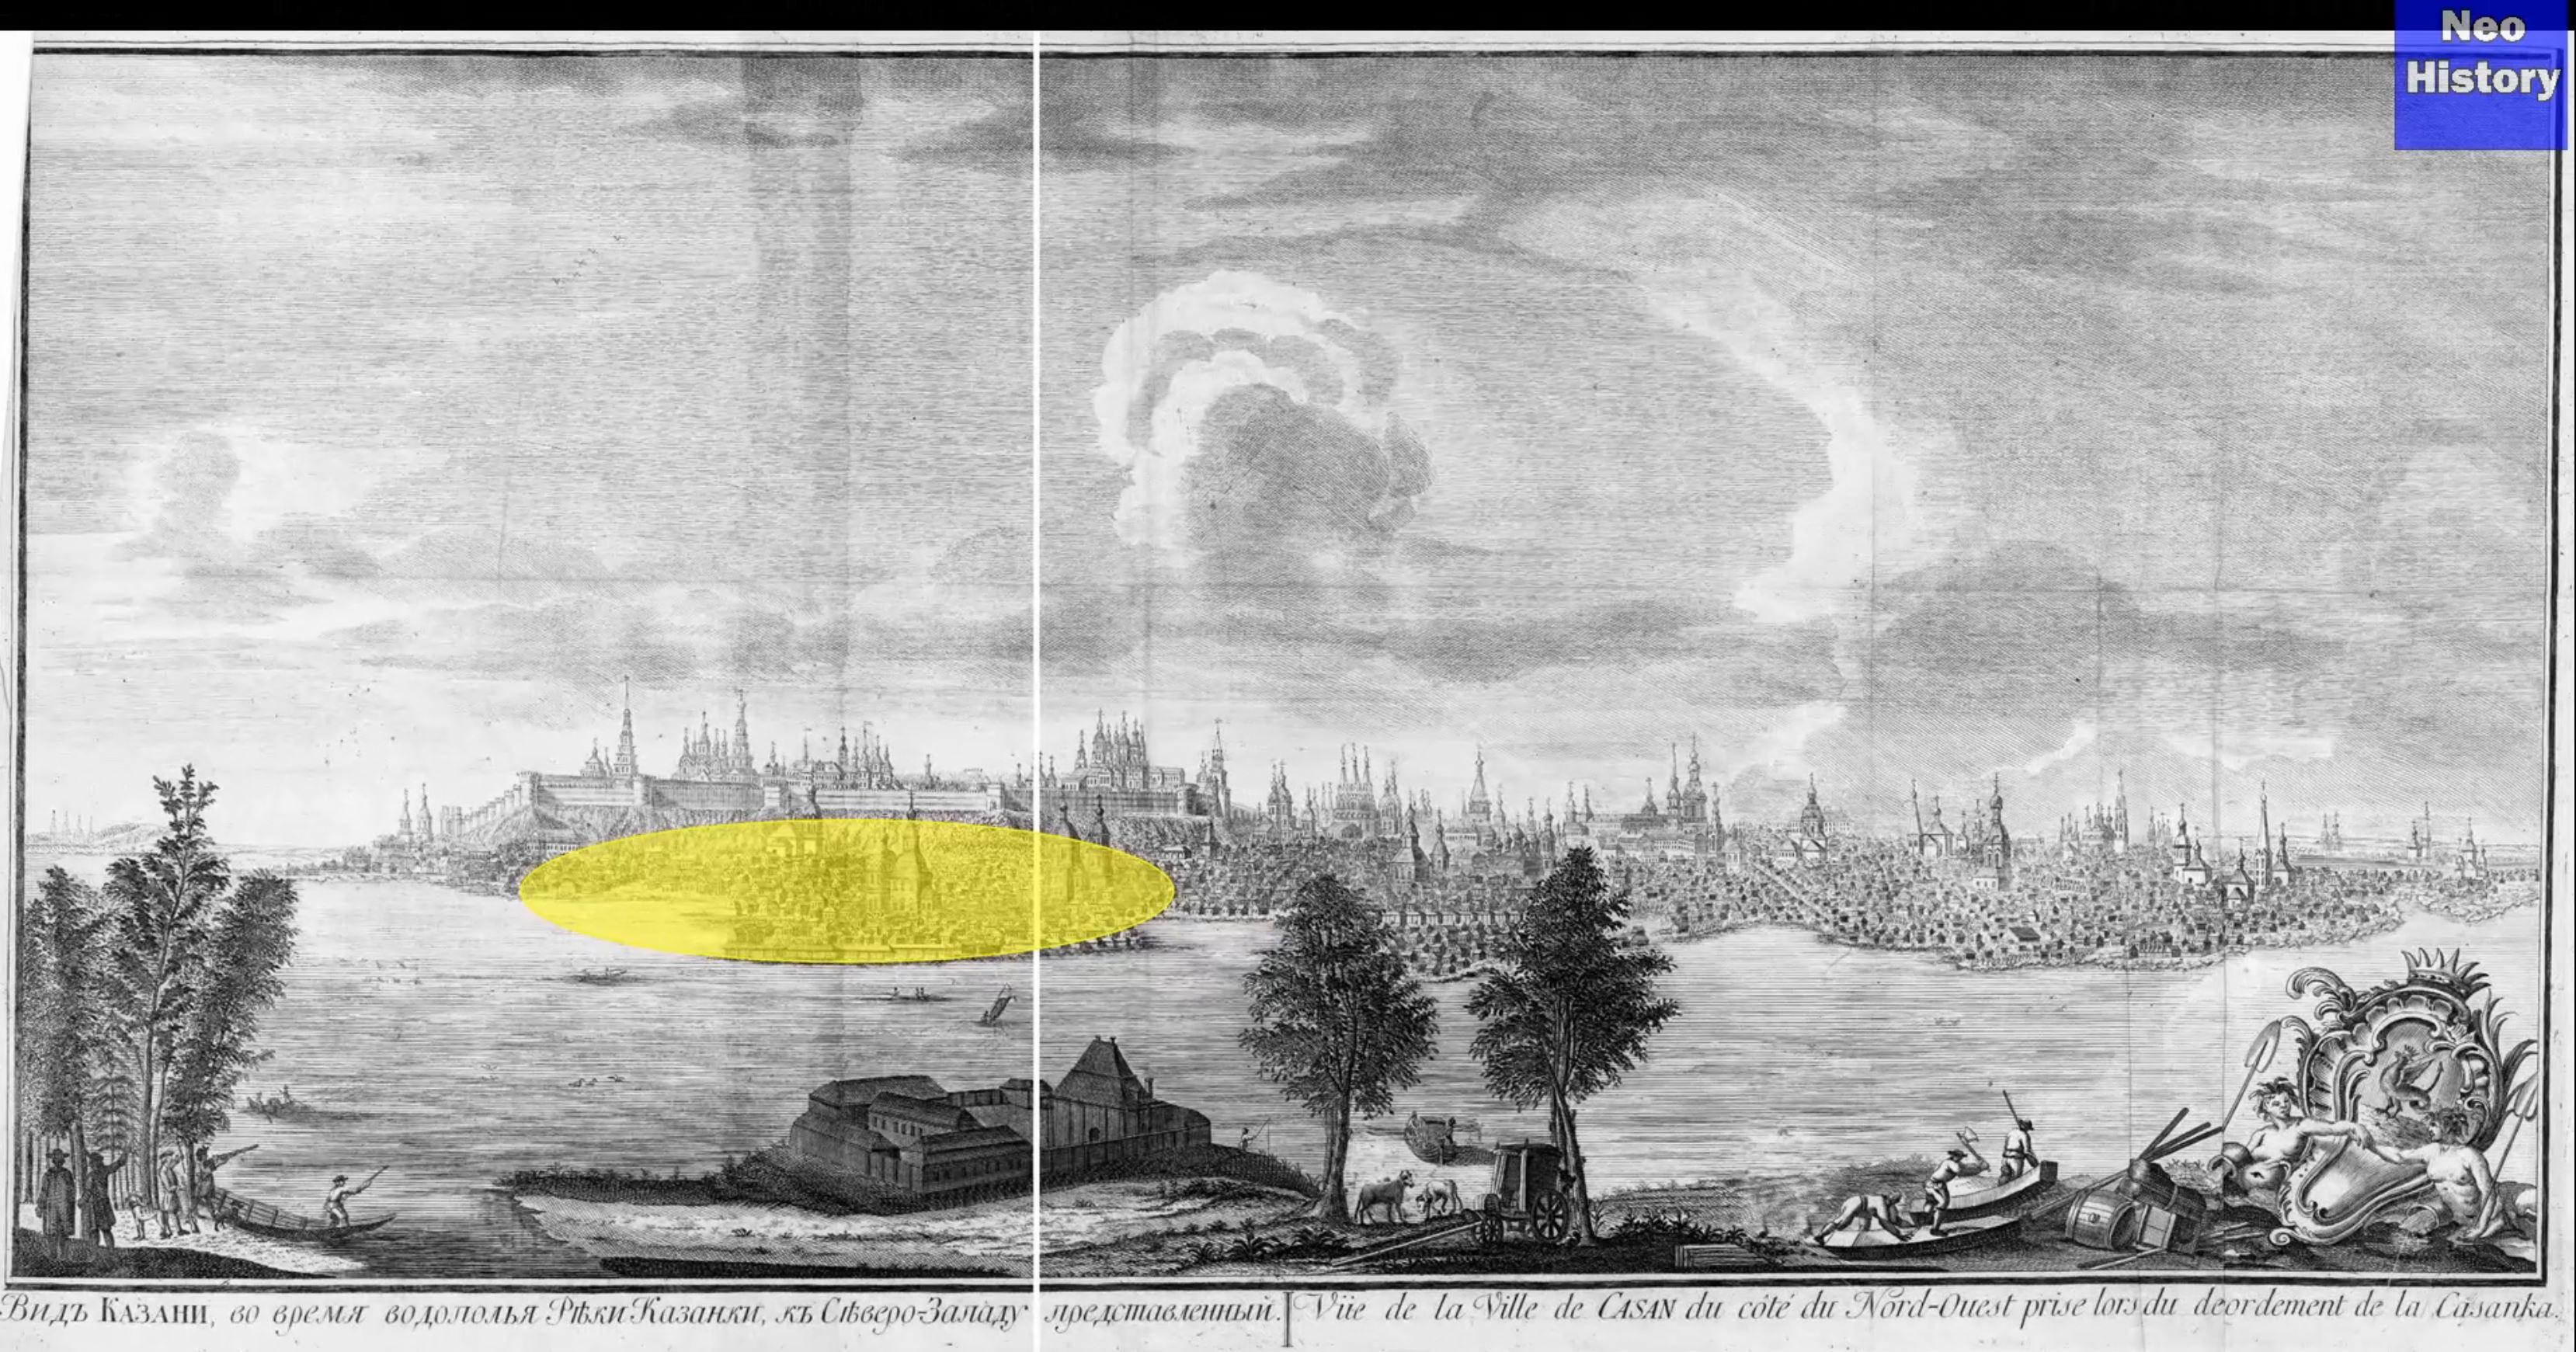 Изображение Казани от 1769 года (жёлтым цветом подсвечены дома и соборы, которые беЗследно исчезли).